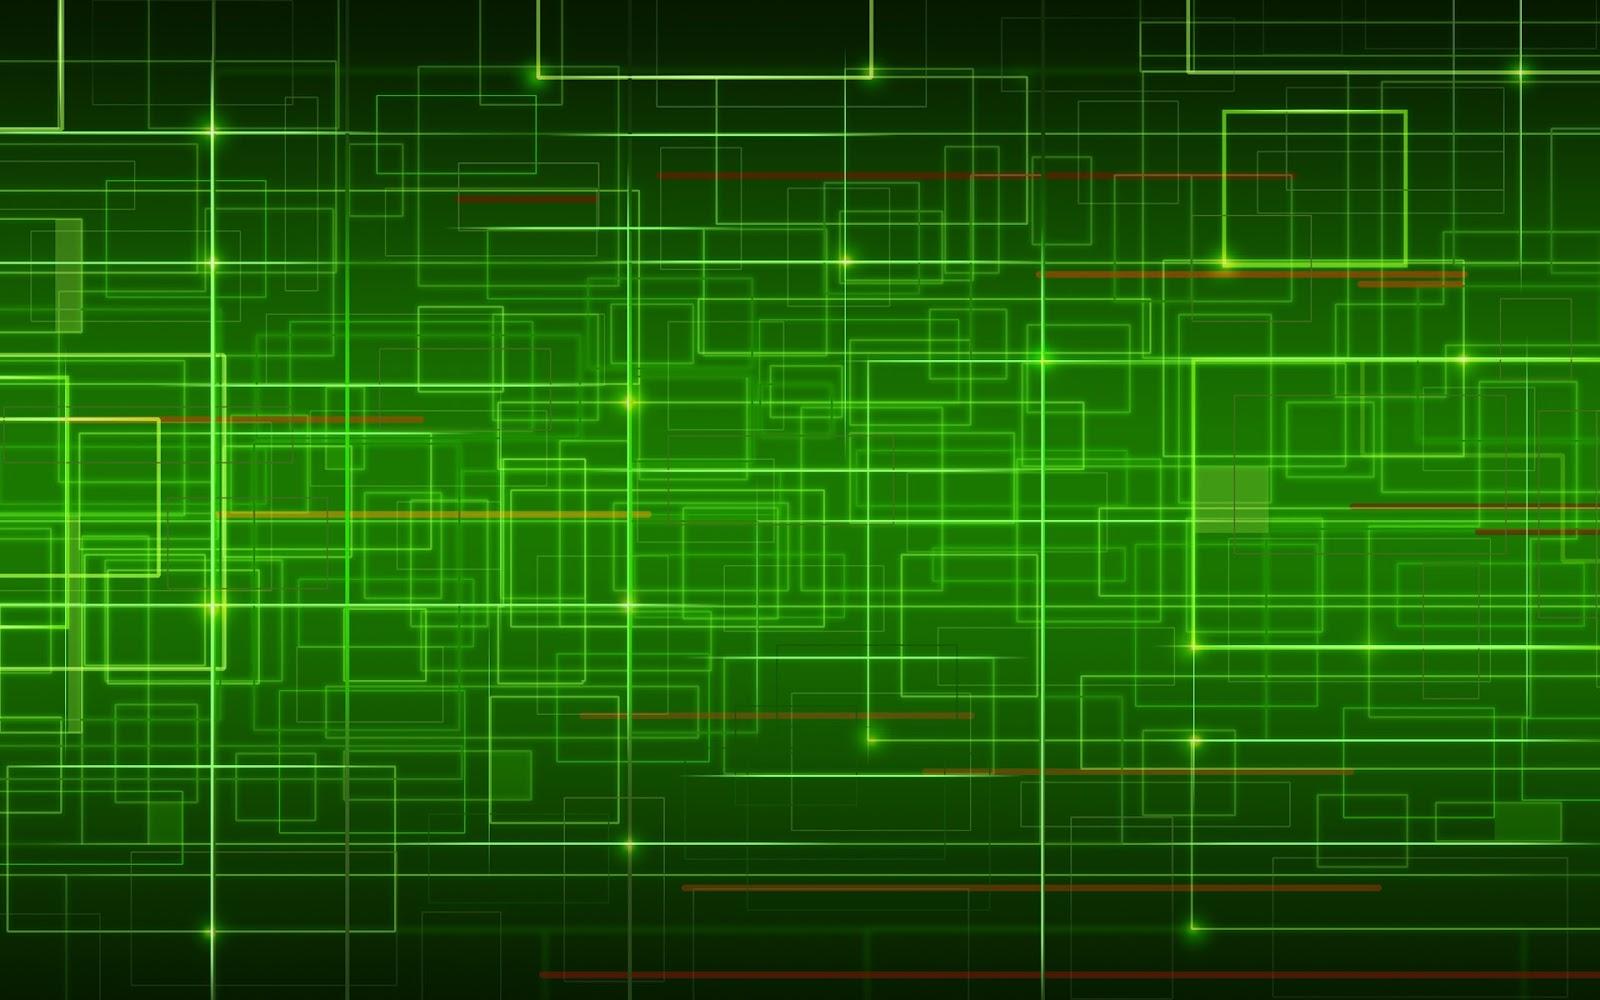 computer wallpaper free wallpaper downloads best green